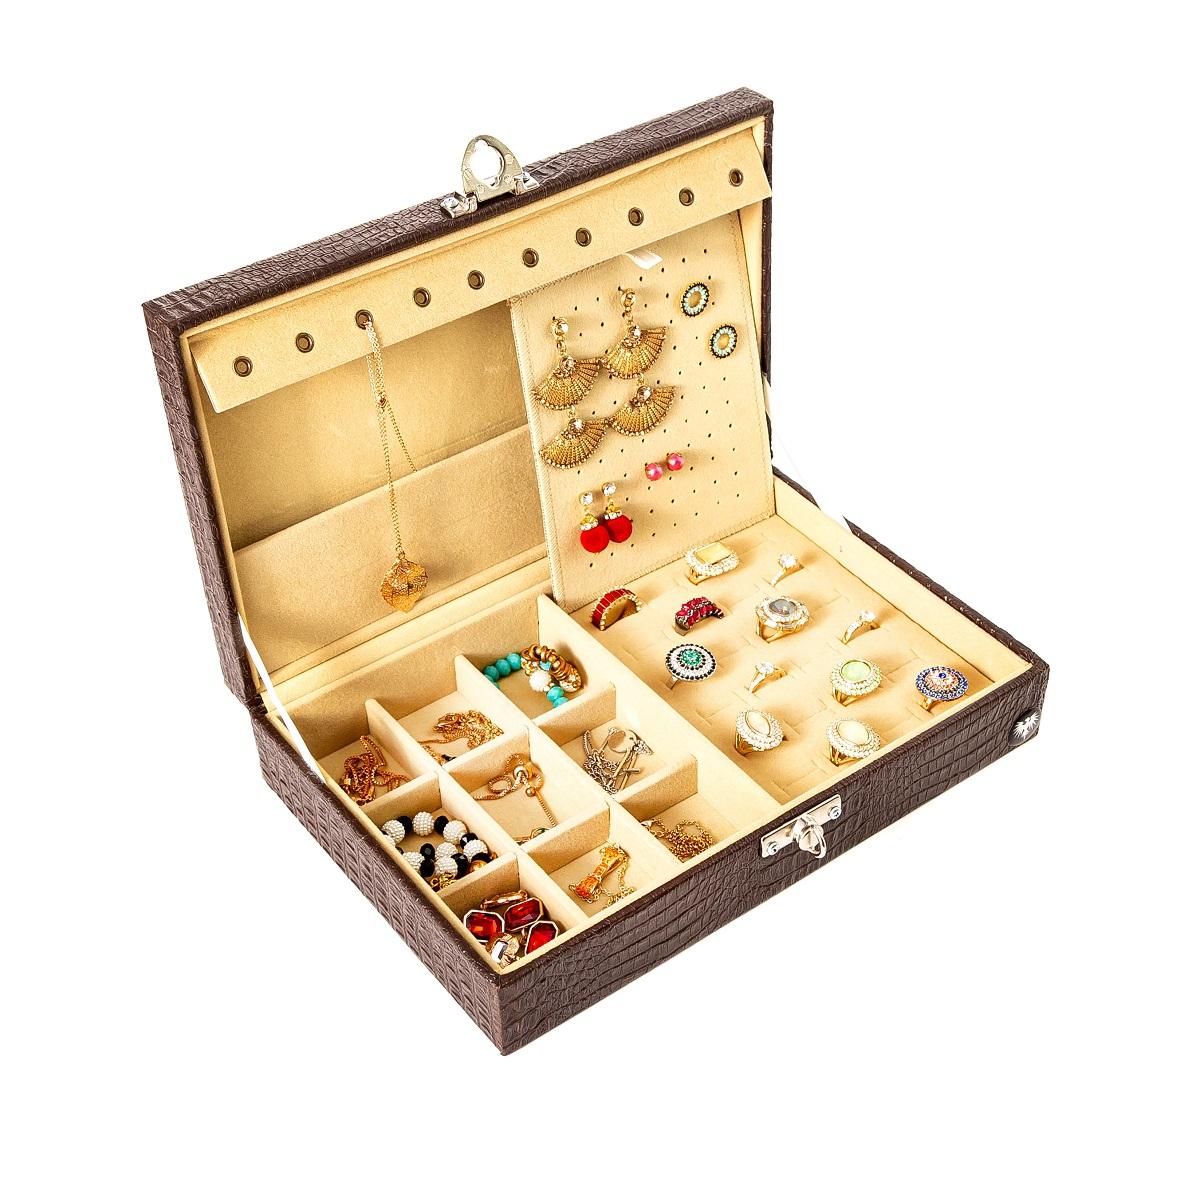 caixa-porta-joias-couro-ecologico-pequeno-marrom-bege-imagem-7.jpg